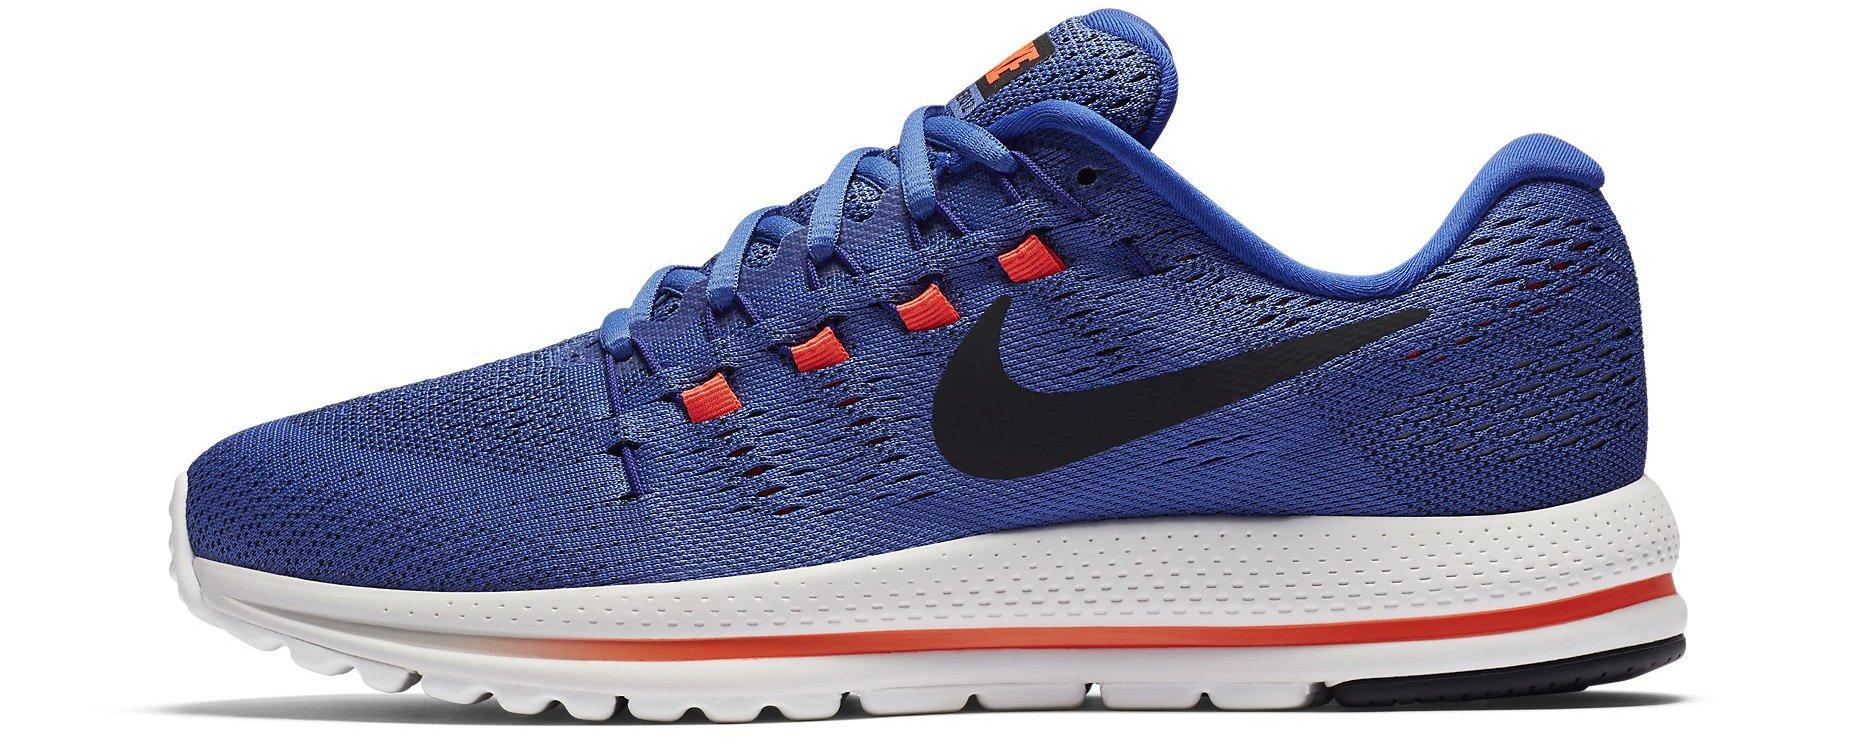 Běžecká obuv Nike Air Zoom Vomero 12